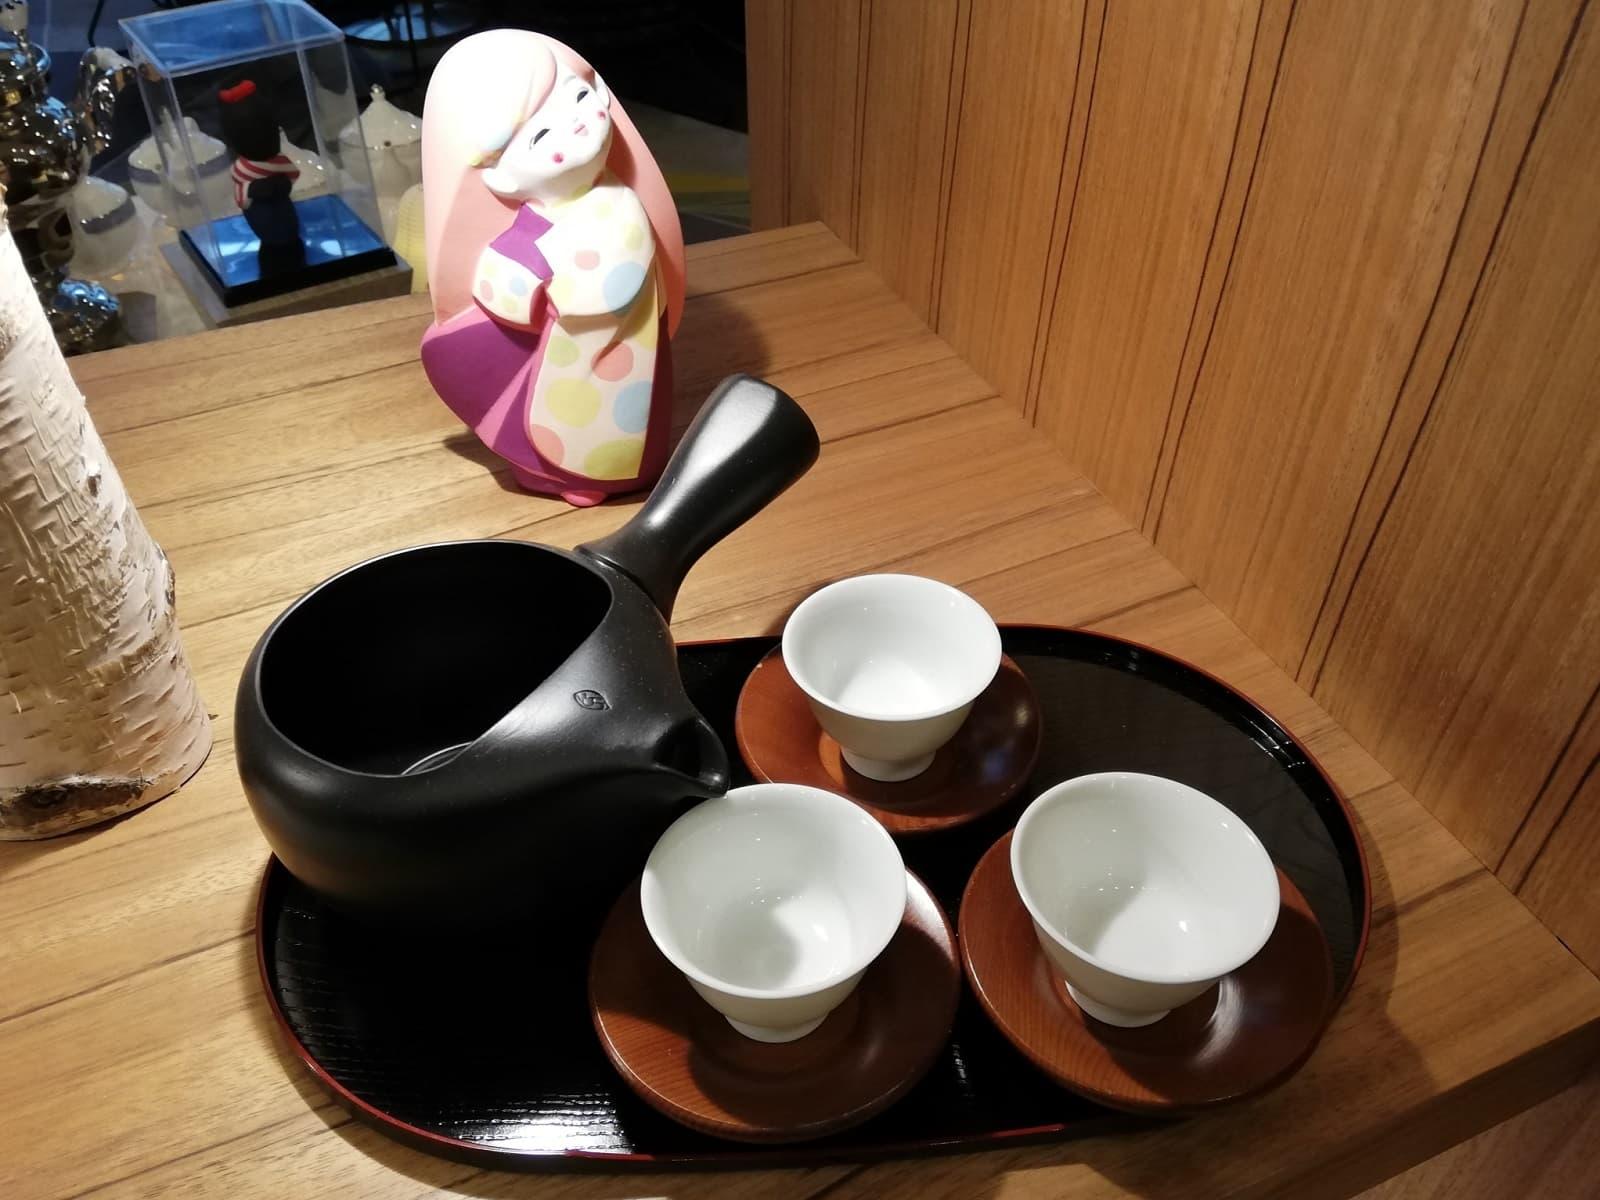 スイスホテル南海大阪「福岡・八女茶アフタヌーンティー」の博多人形と茶器の装飾